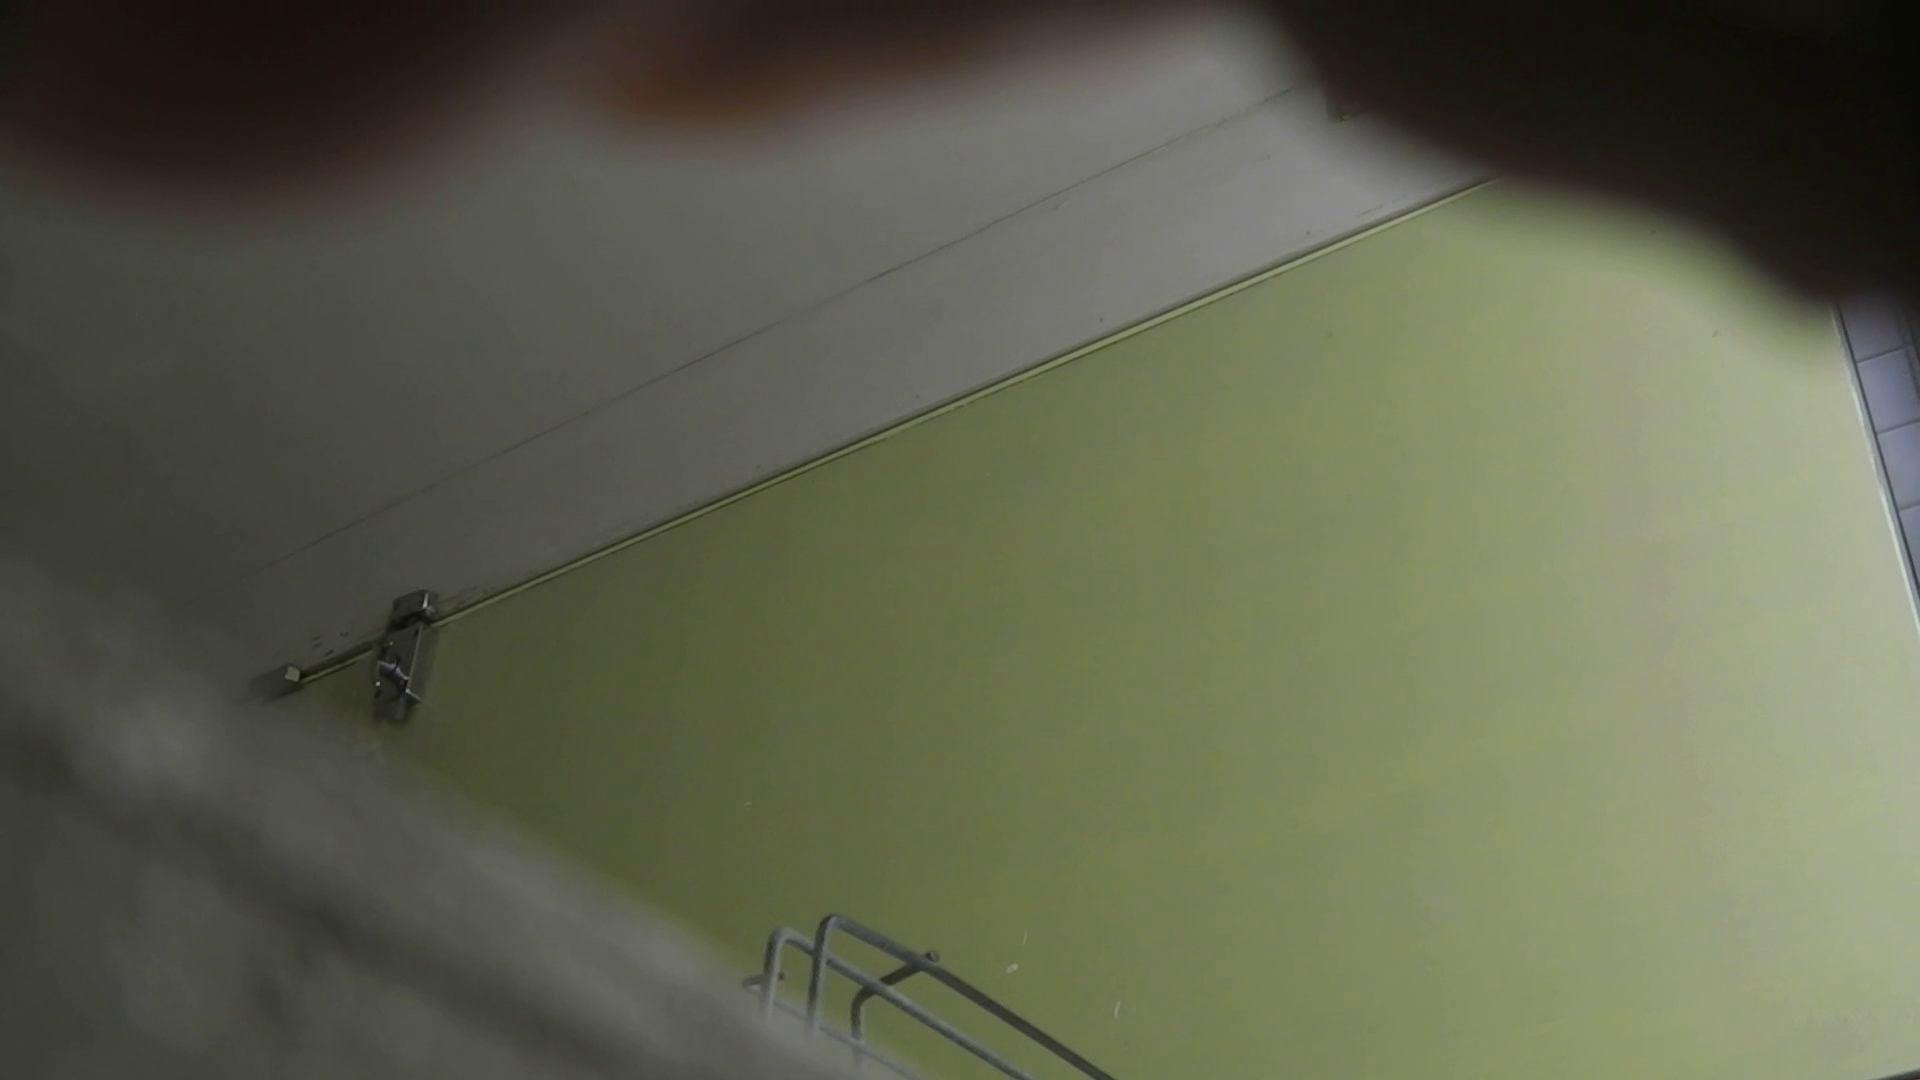 【美しき個室な世界】 vol.018 ピンクのおネエタン 洗面所  48画像 44